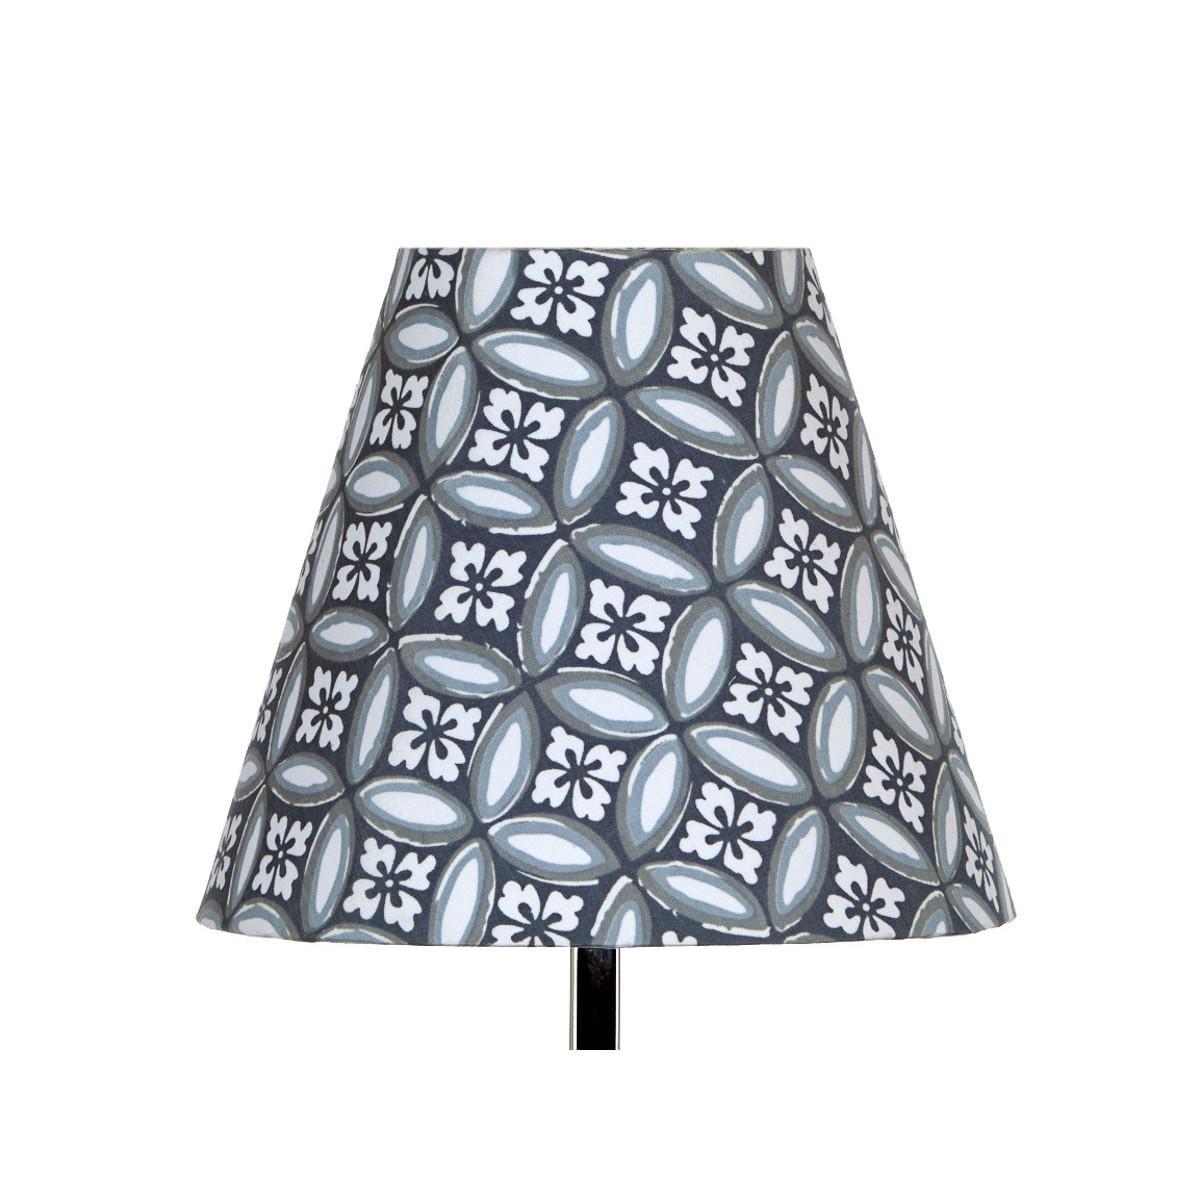 Abat jour lampe de chevet tissu gris